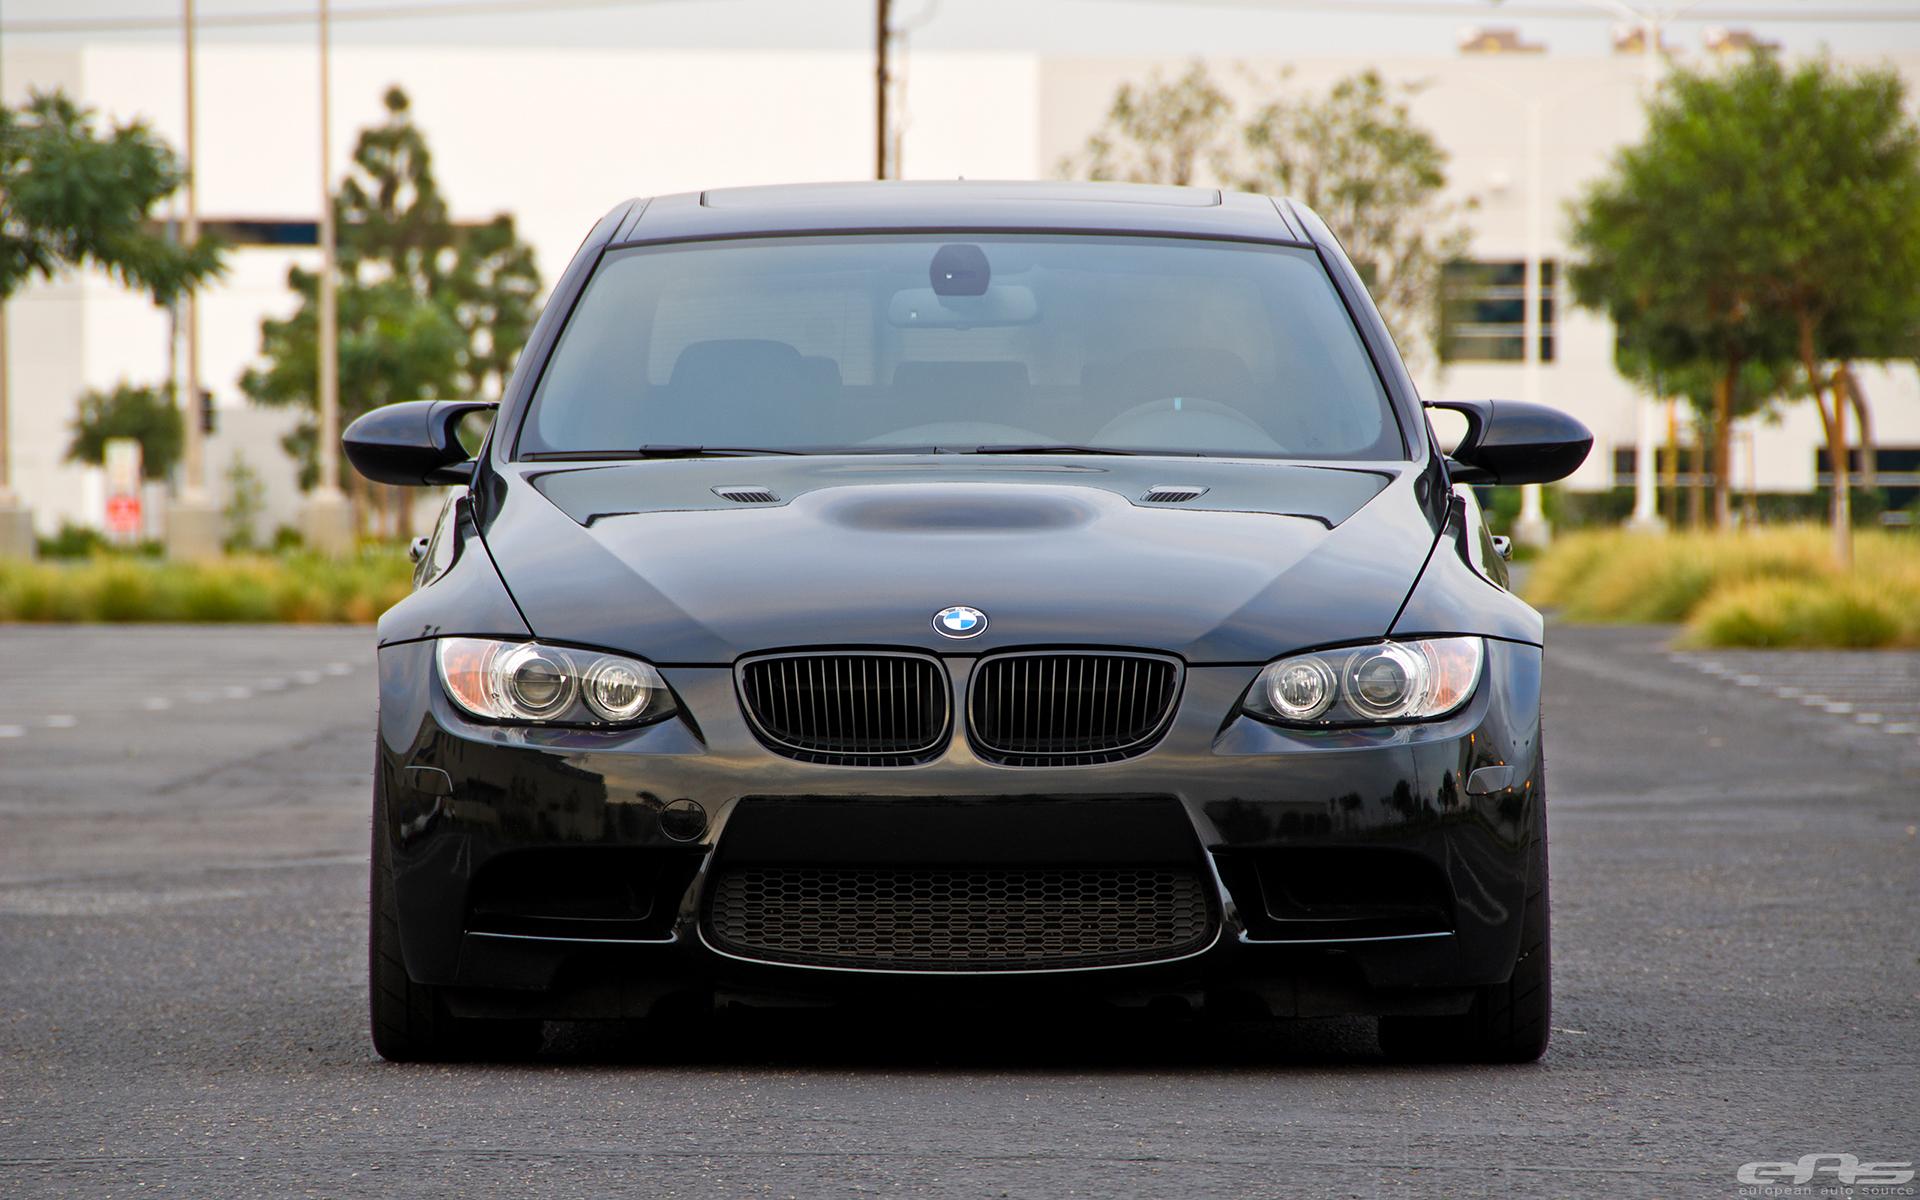 Jet Black BMW E90 M3 Project 6